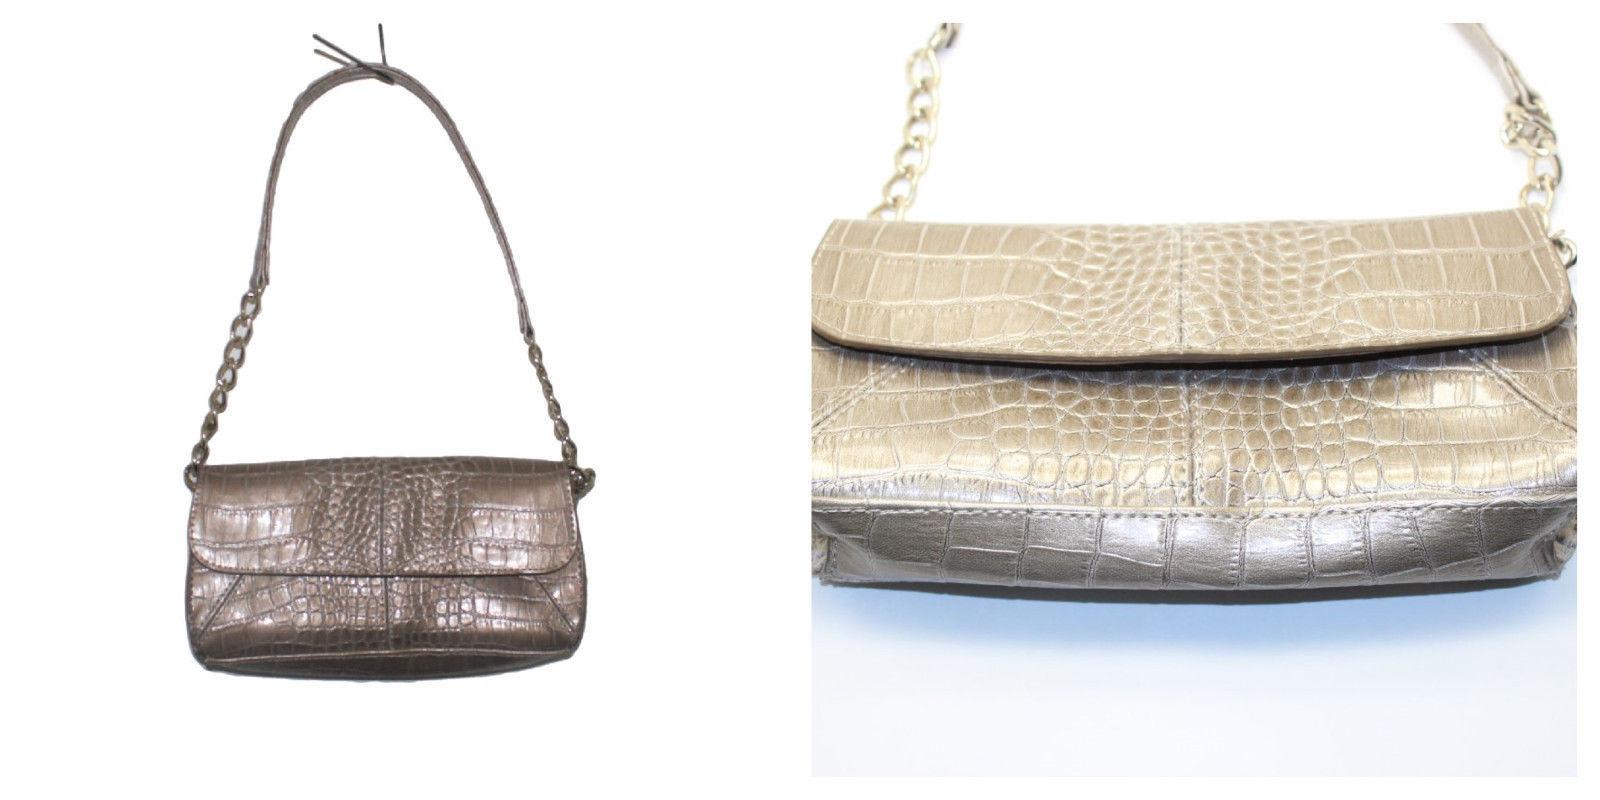 Liz Claiborne Chapagne Faux Croc Leather Flap Shoulder Bag Purse with Chain Strp - $29.70